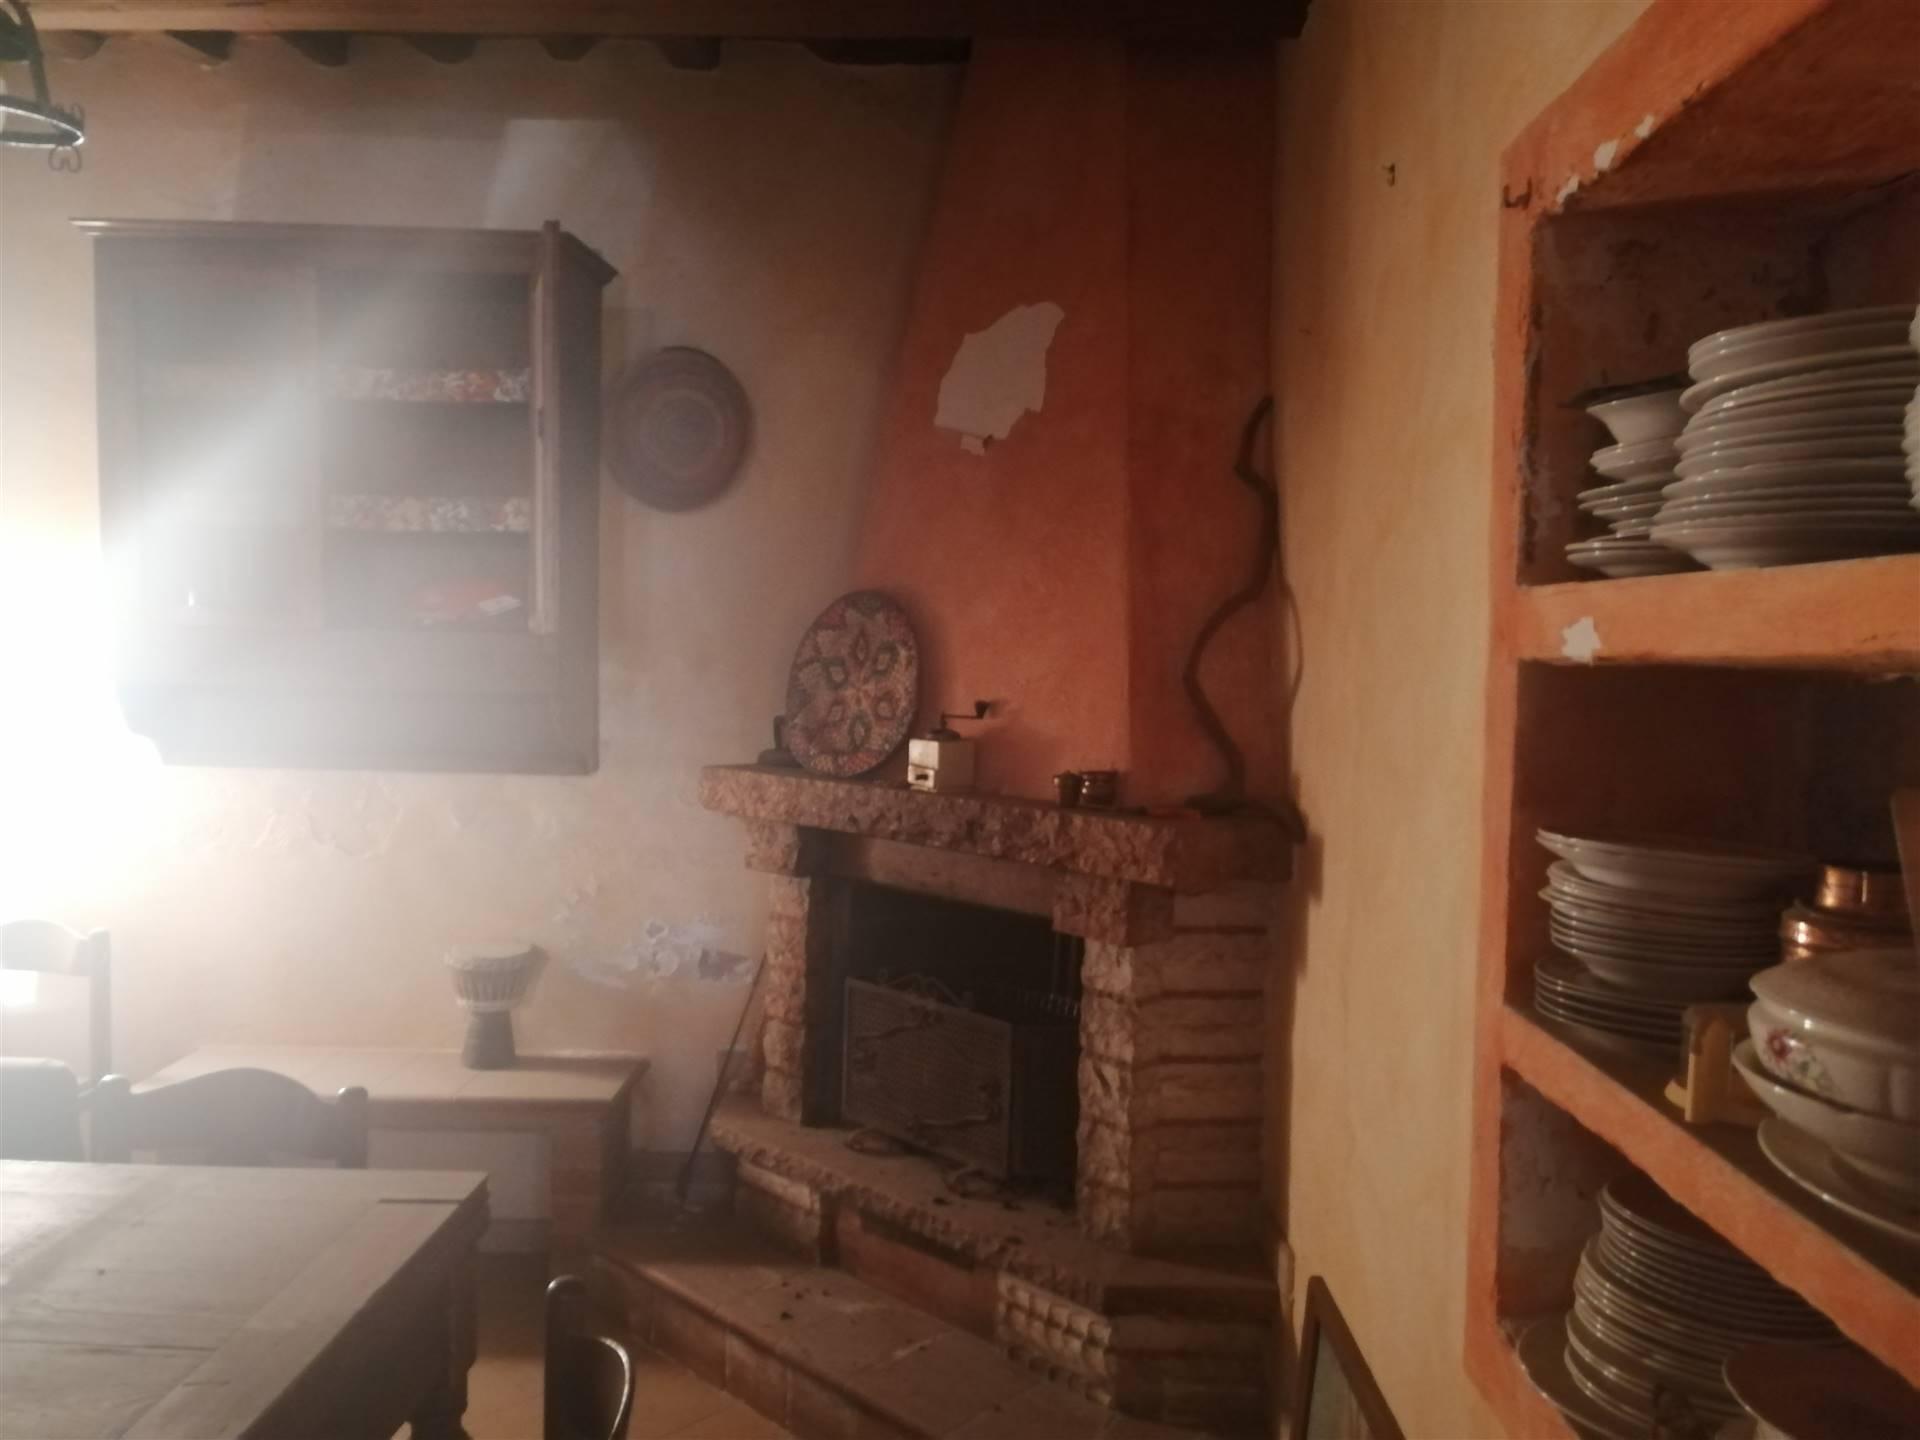 BOTTEGONE, PISTOIA, Terratetto in vendita di 180 Mq, Da ristrutturare, Riscaldamento Autonomo, Classe energetica: G, composto da: 5 Vani, Cucina